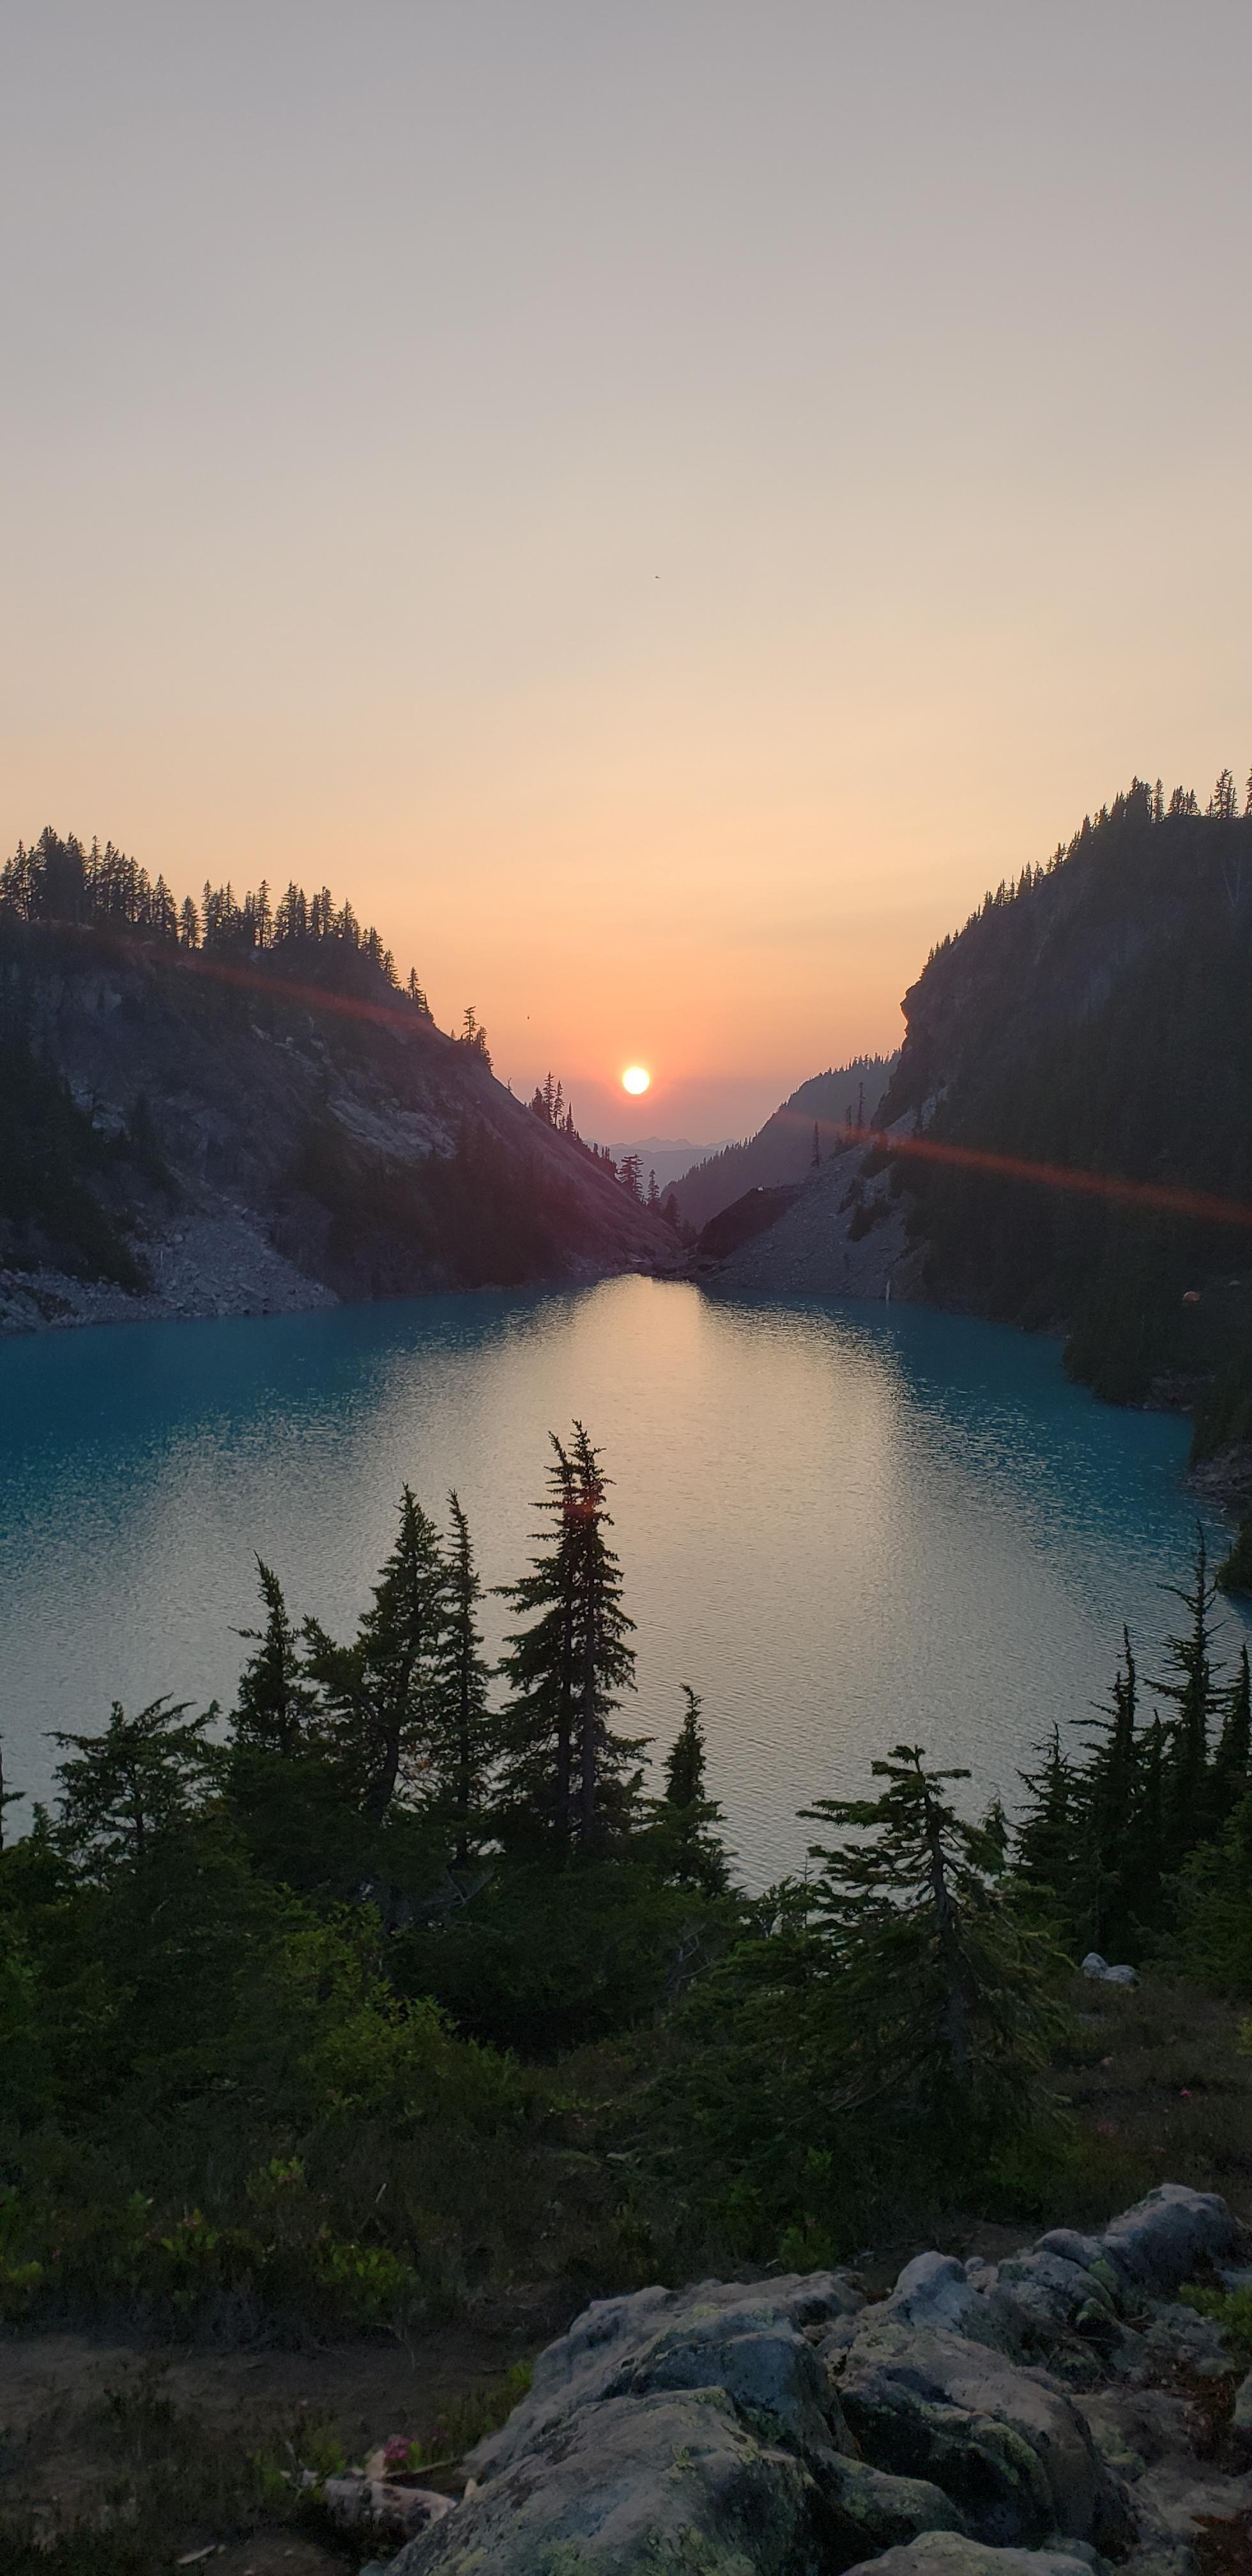 Nature Beautiful Scenery Oc Alpine Lakes Wilderness Wa 40321960 Landscape Photography Nature Pretty Landscapes Nature Photography